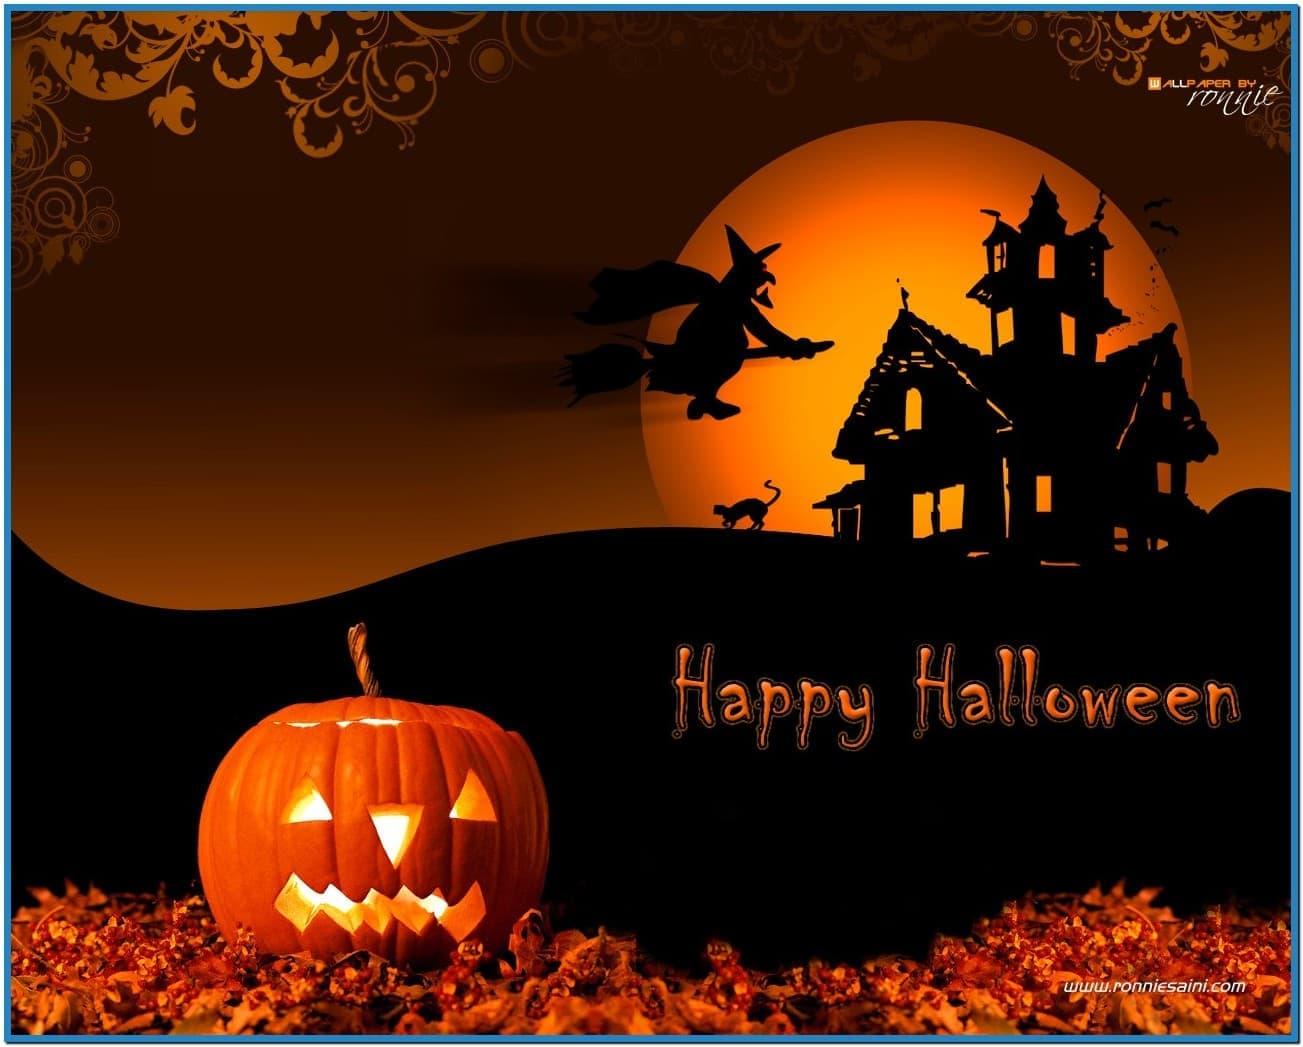 Halloween wallpaper screensavers   Download 1303x1047